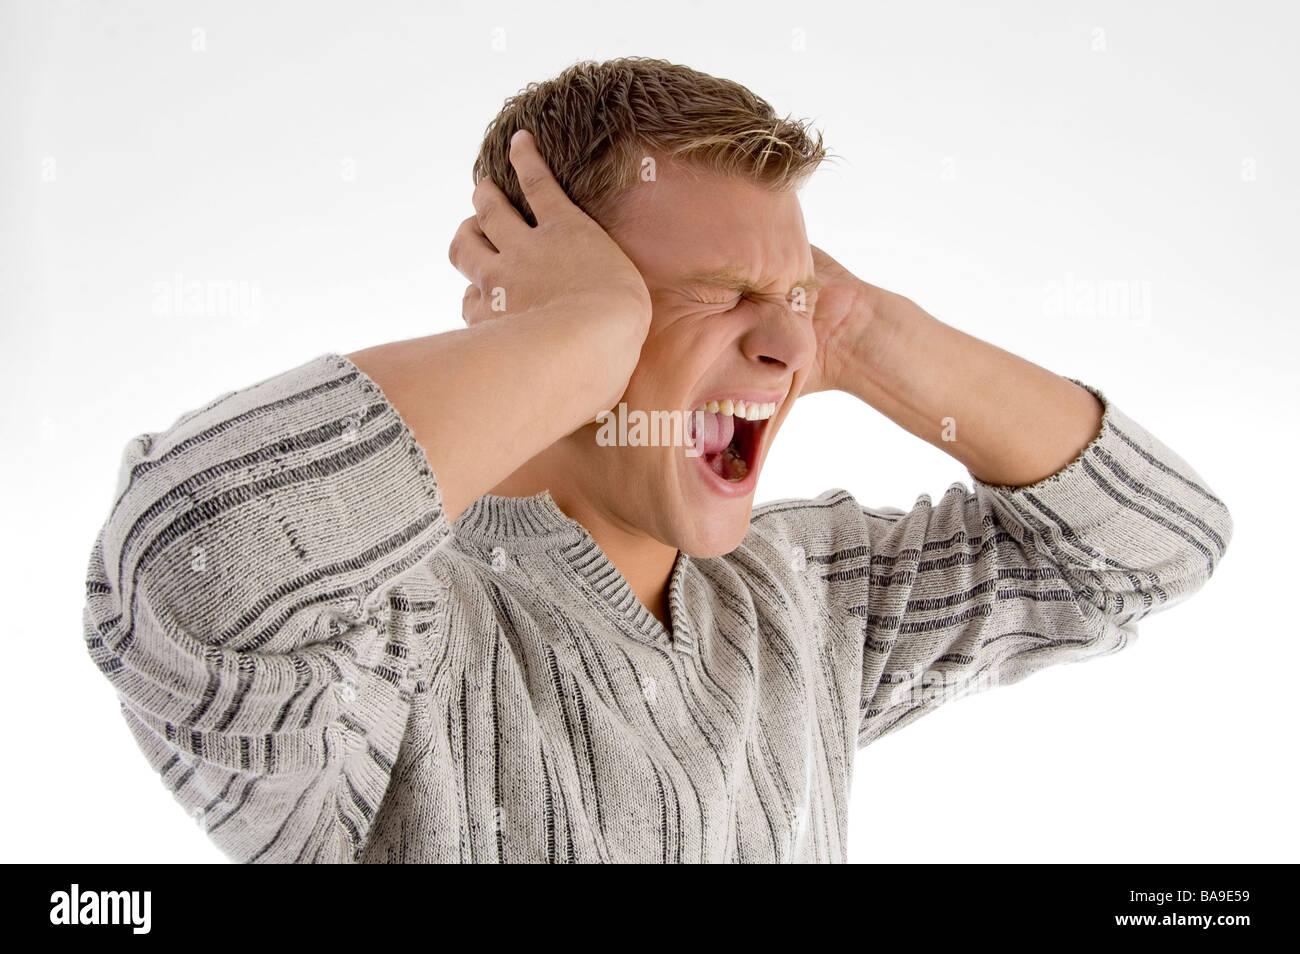 man shouting loudly - Stock Image